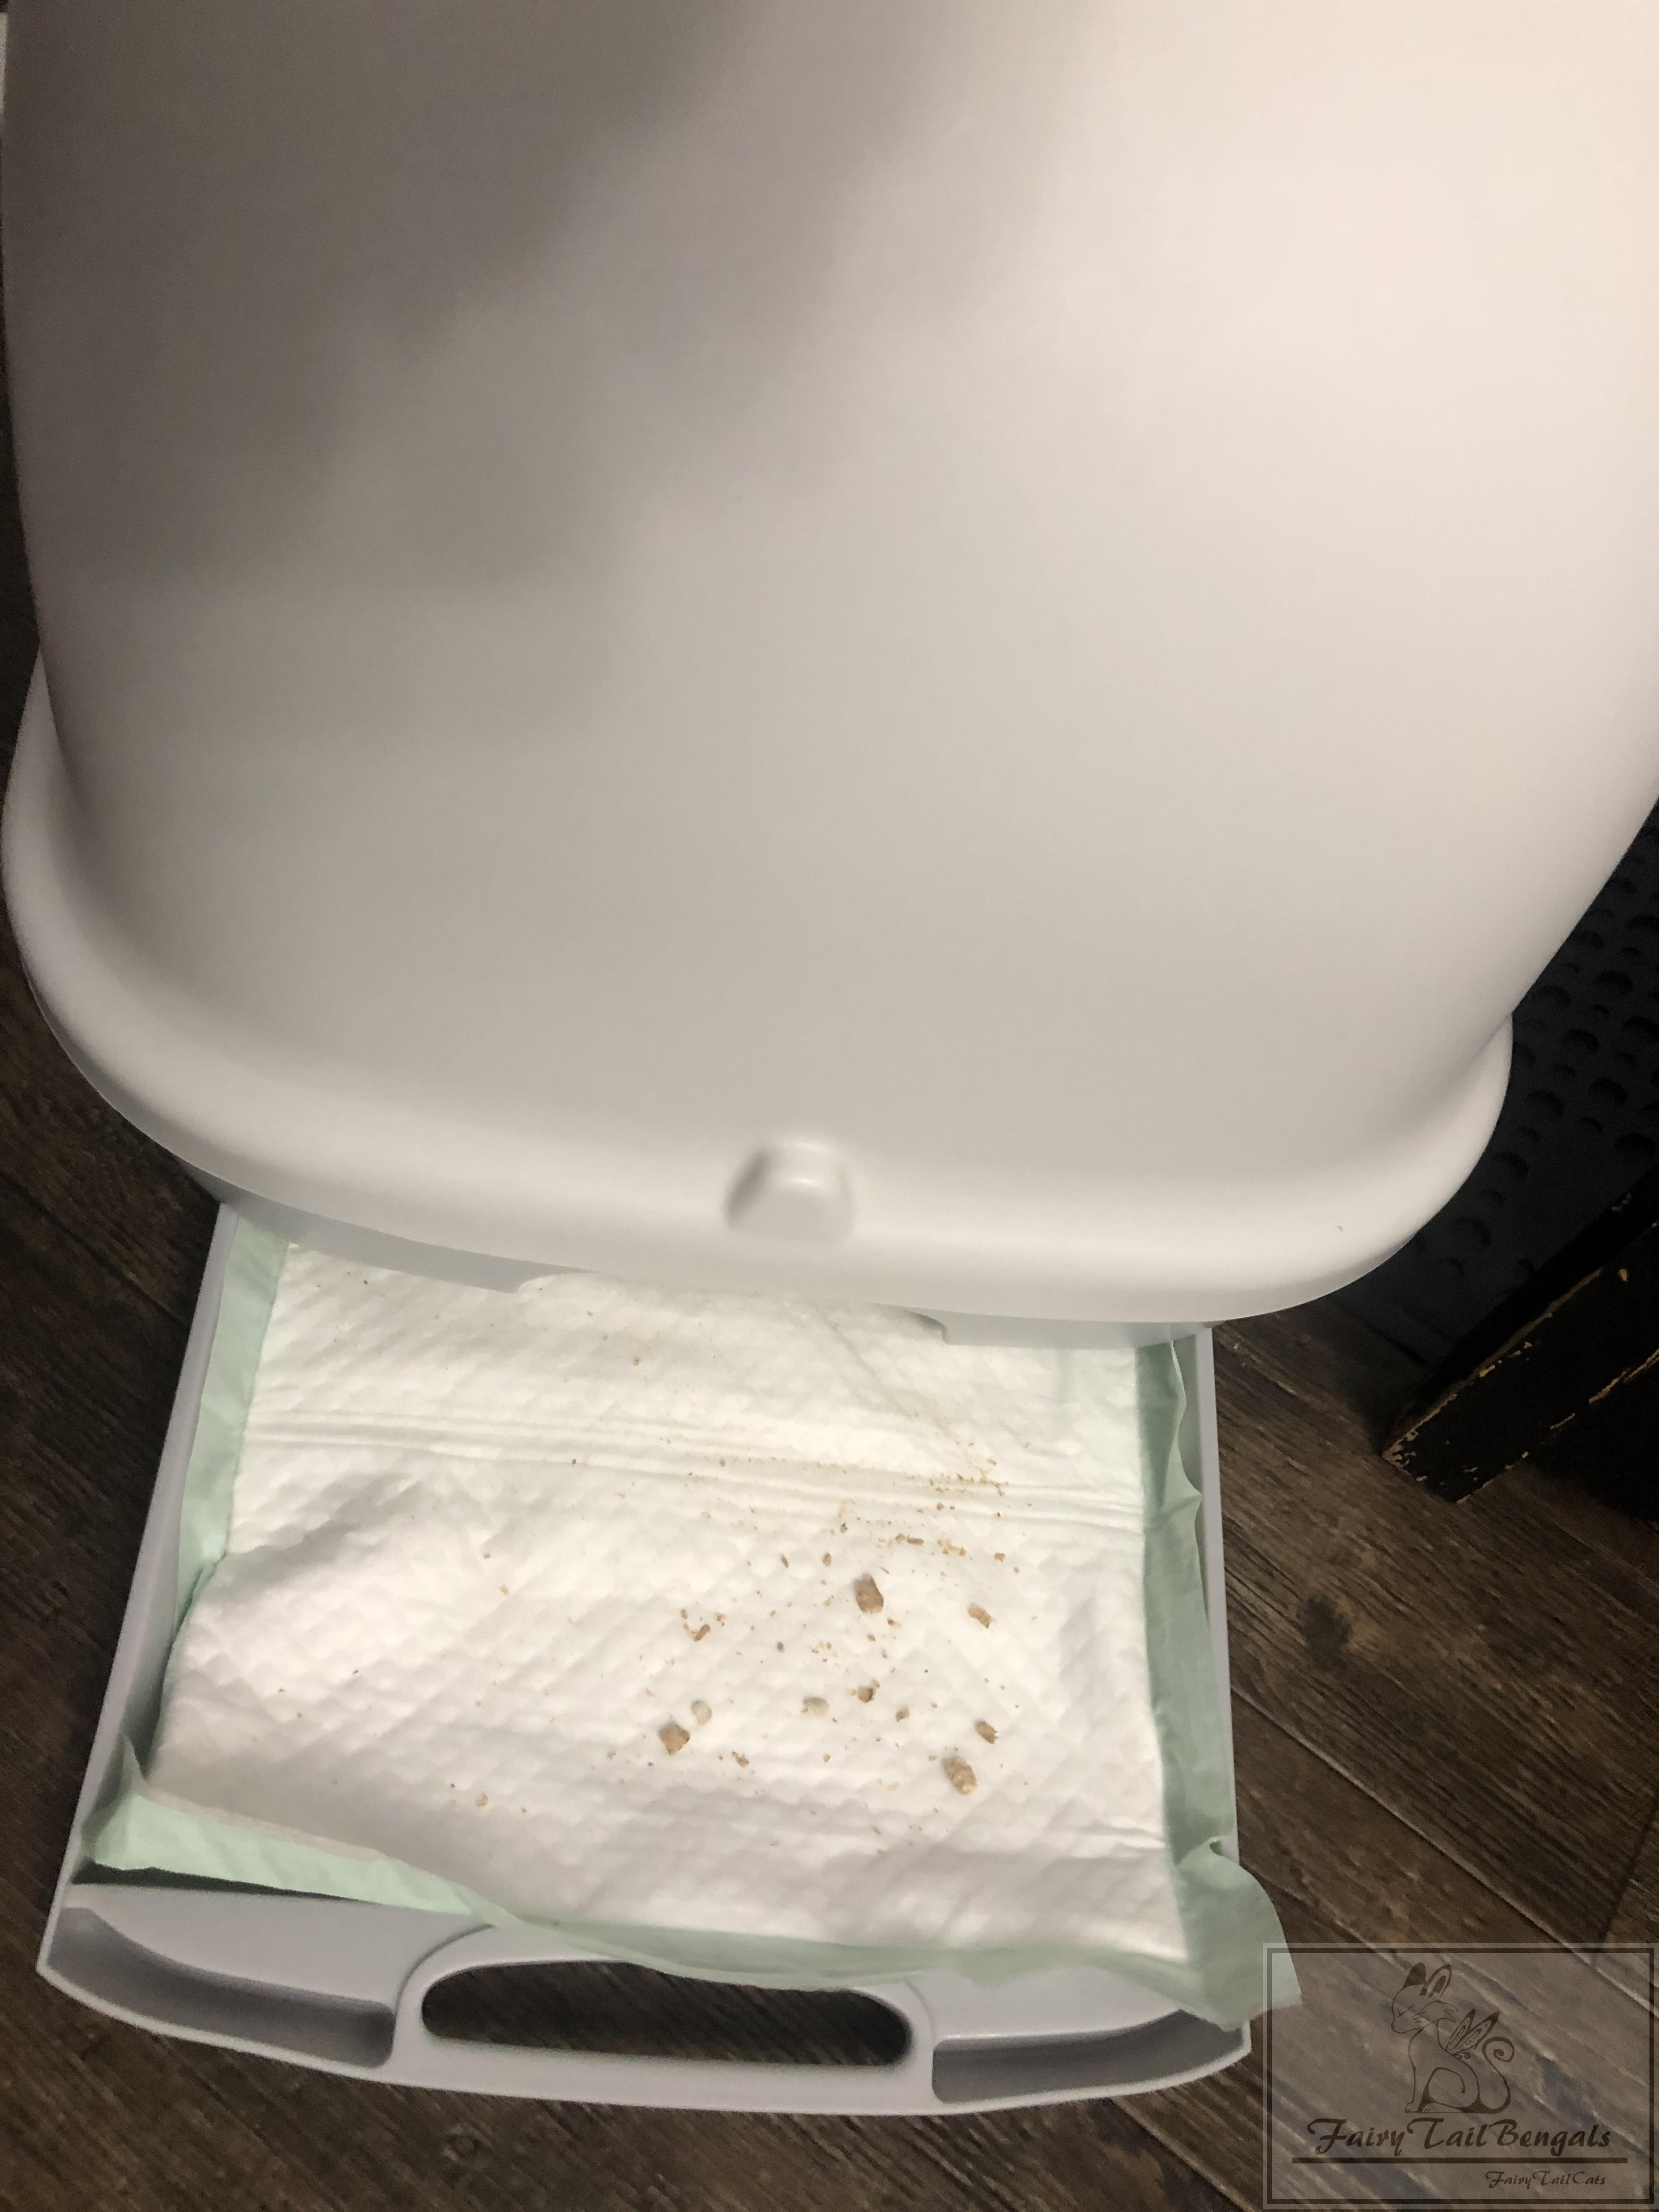 Pelt Litter System